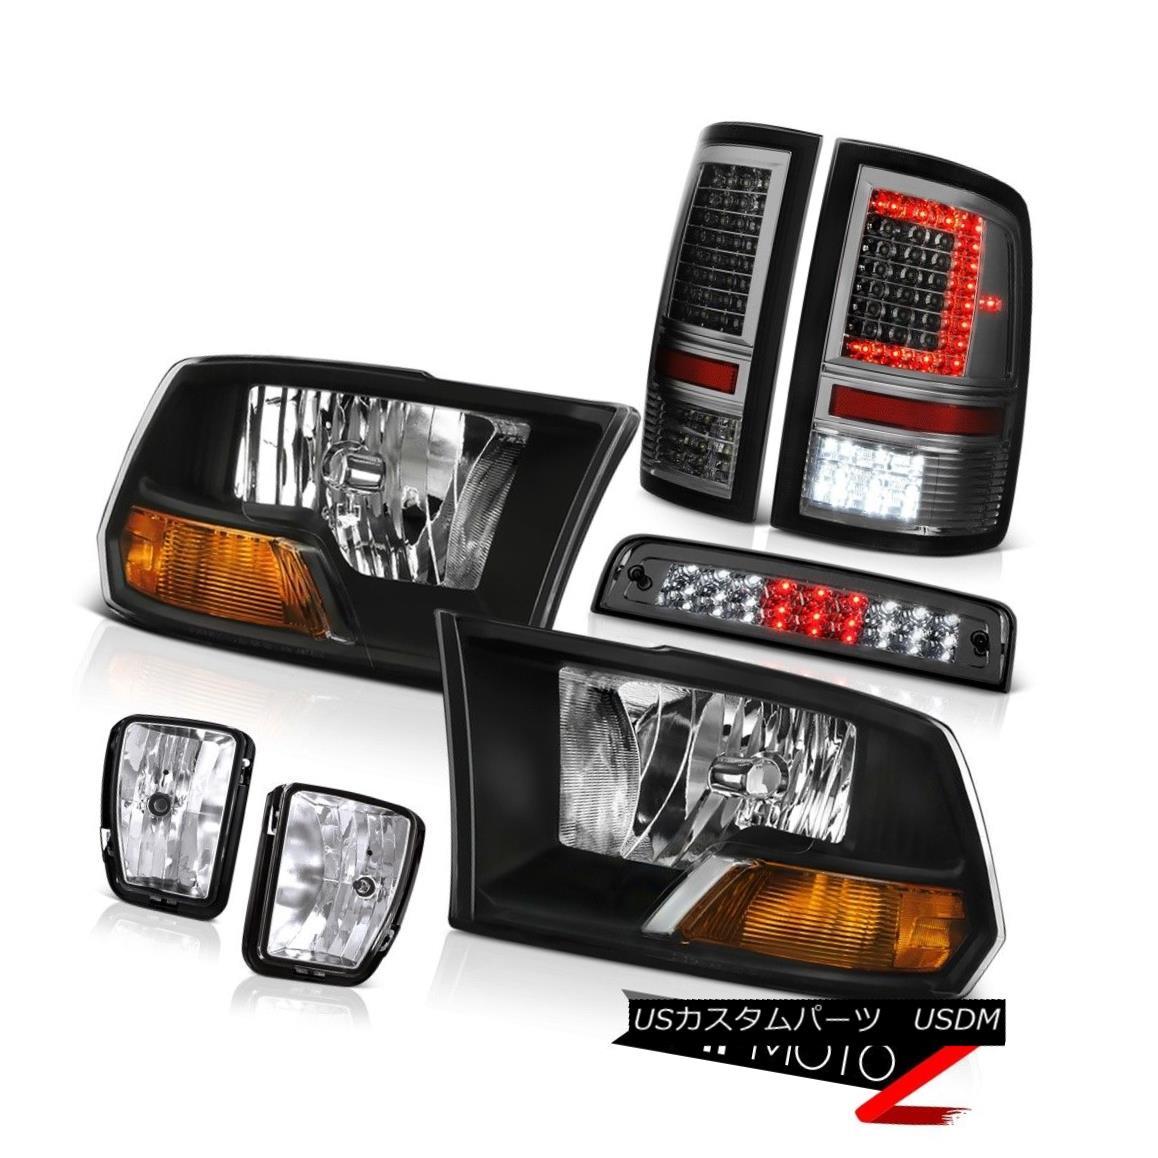 テールライト 13-18 RAM 1500 Smokey Tail Lamps Brake Lights Fog Lamp Factory Style Headlight 13-18 RAM 1500スモーキーテールランプブレーキライトフォグランプ工場スタイルヘッドライト